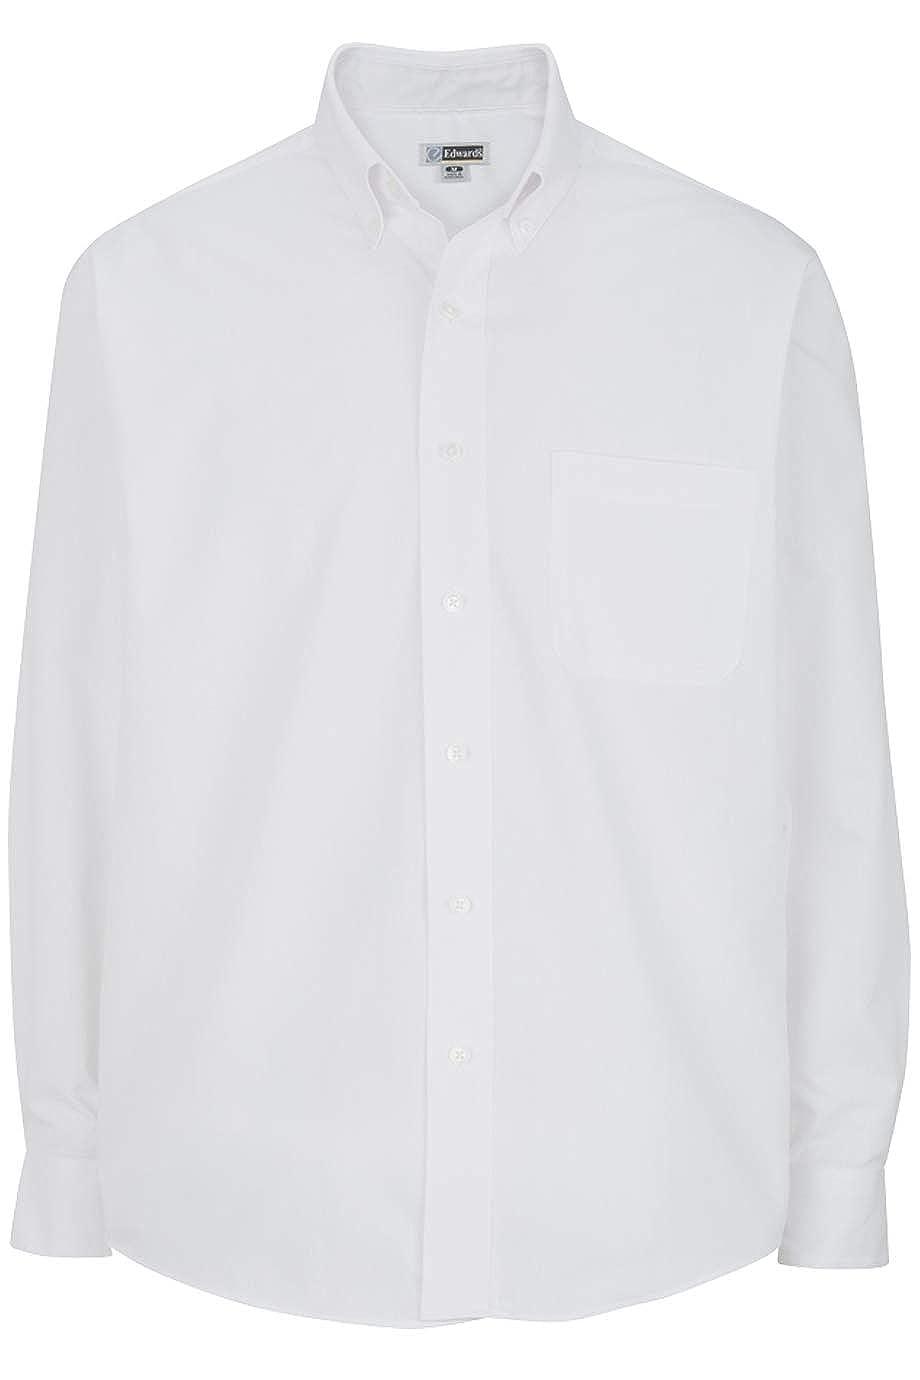 Edwards Mens Lightweight Long Sleeve Poplin Shirt